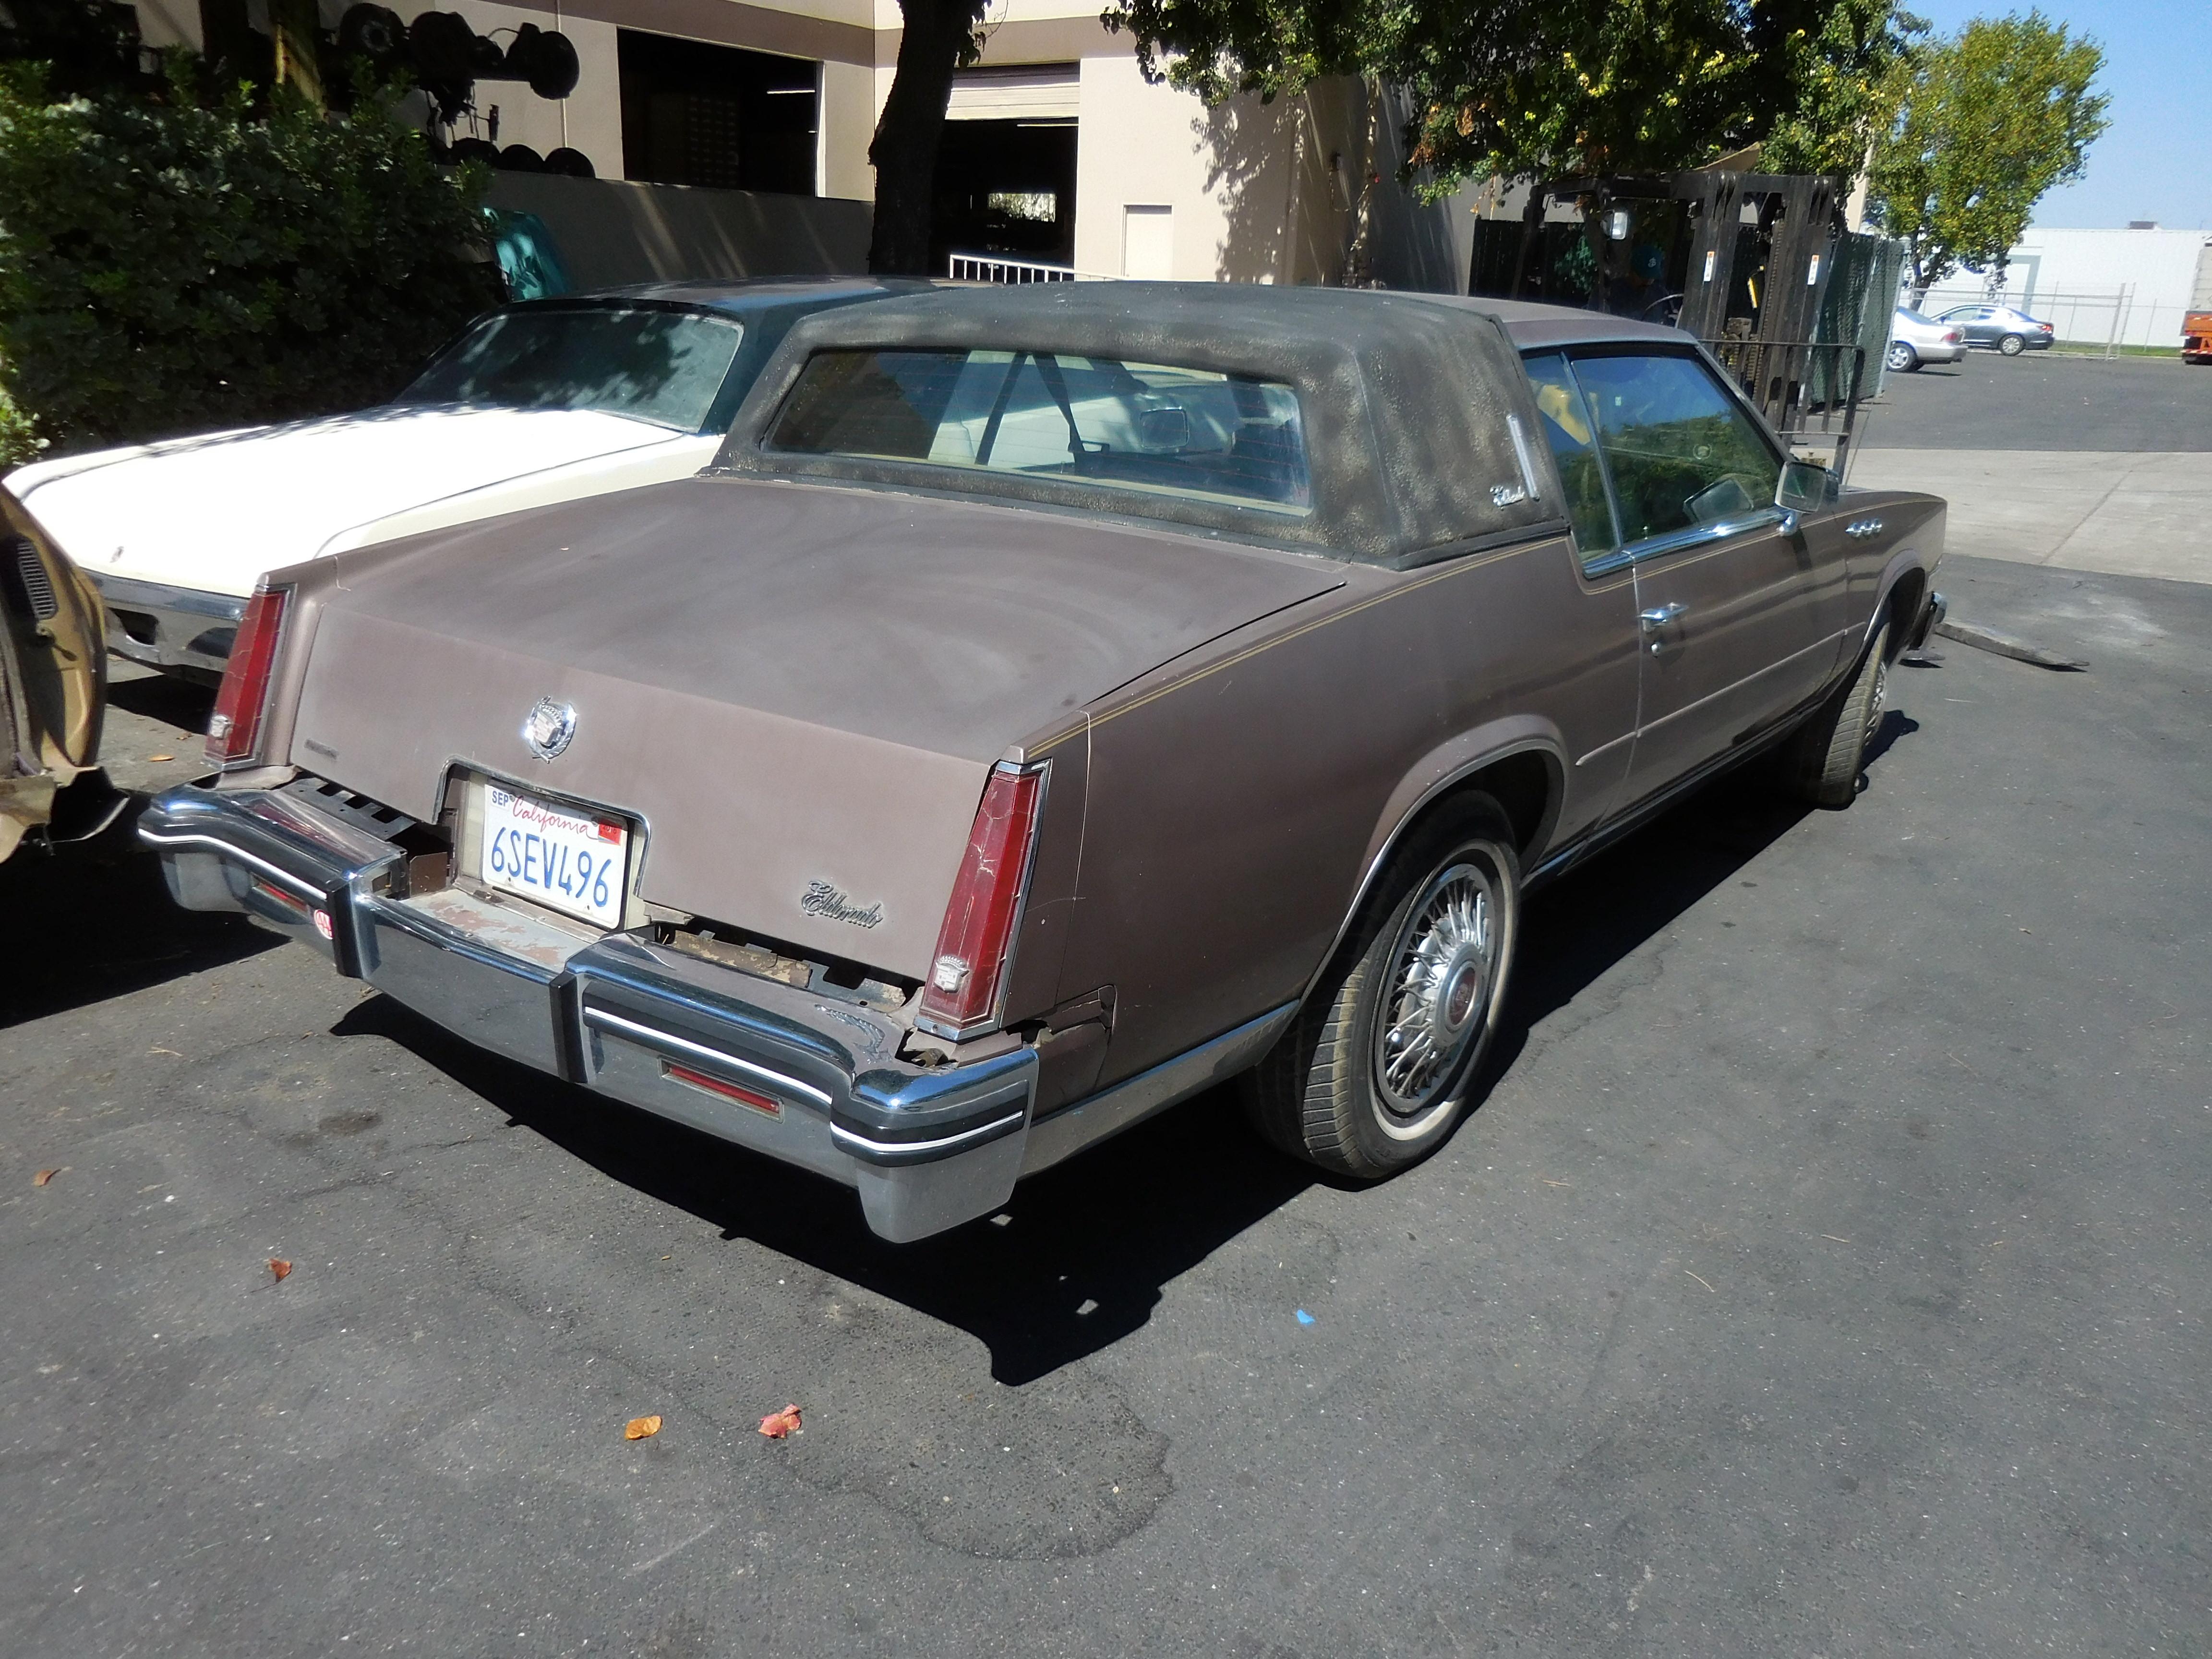 1979,1980,1981,1982,1983,1984,1984, Cadillac, Eldorado,hood, door,fender,bumper,deck lid, seats,